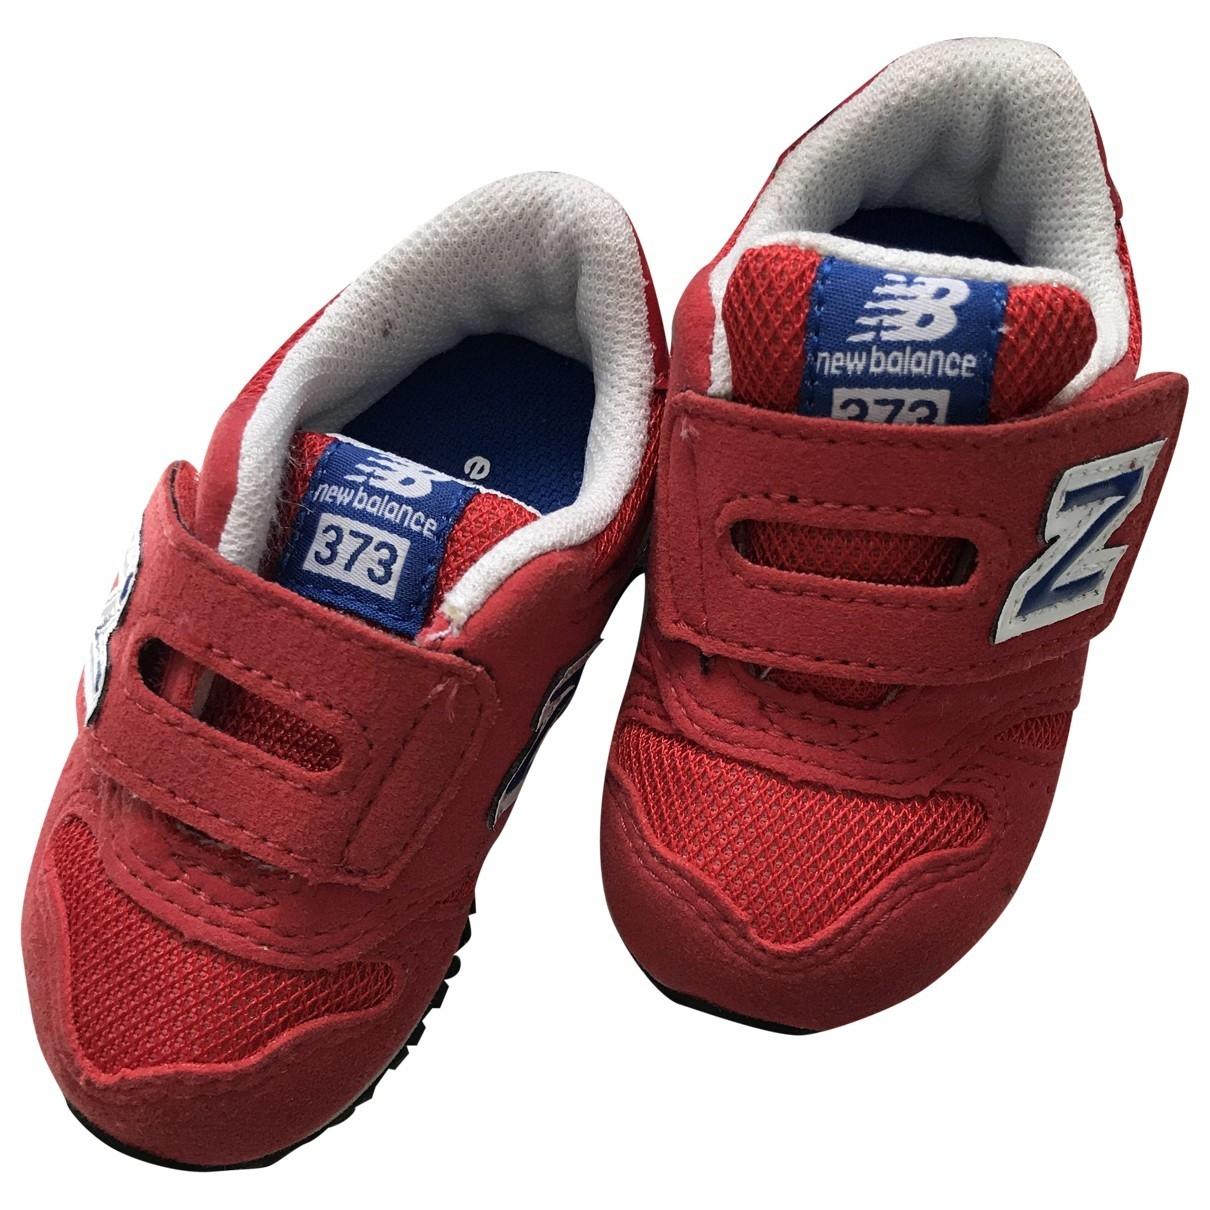 New Balance - Baskets   pour enfant en velours - rouge